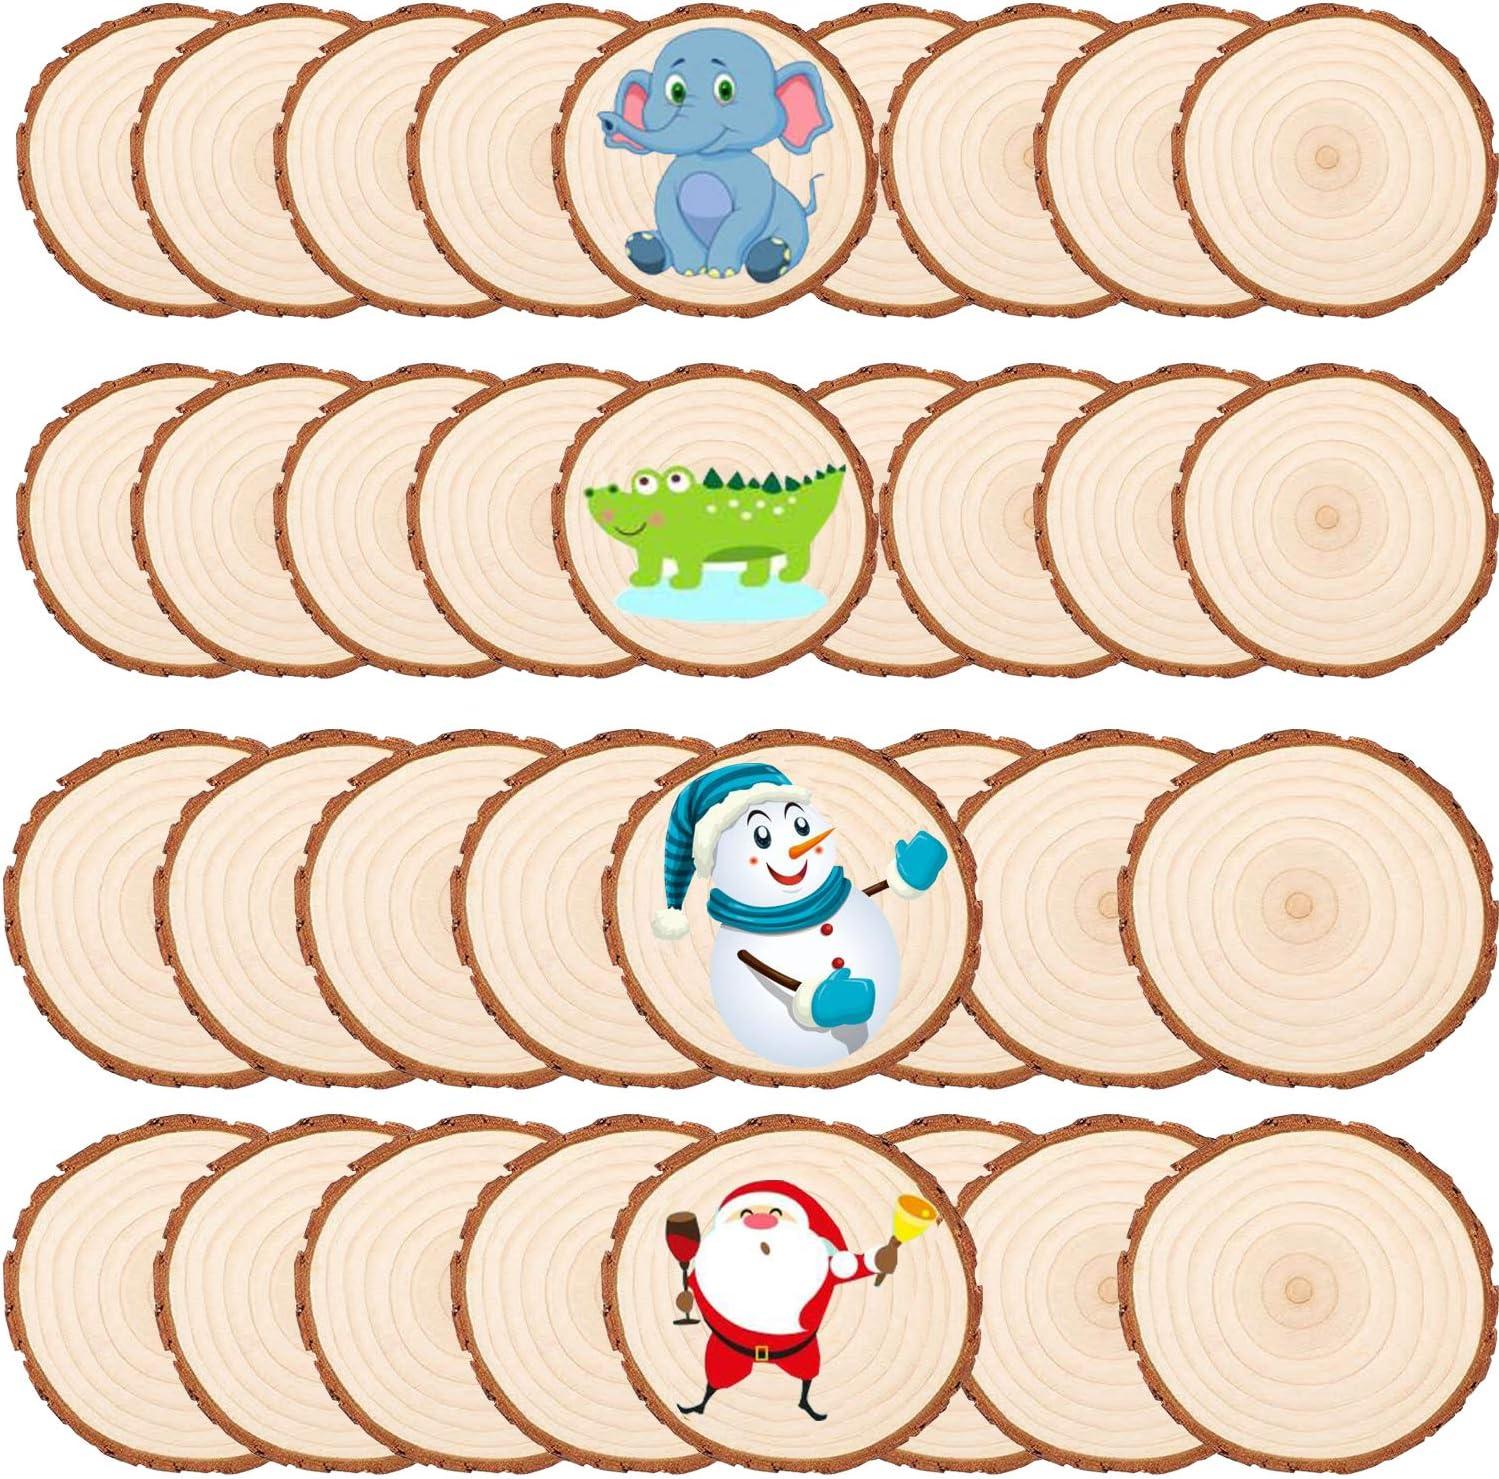 Liuer 50Pcs Rodajas de Madera Círculos Discos de Madera Rebanada Naturales Non Perforado Con Corteza de Árbol Para Manualidades Pintar Diy Posavasos Artesanías Decoraciones Navidad(5-6cm,6-7cm)